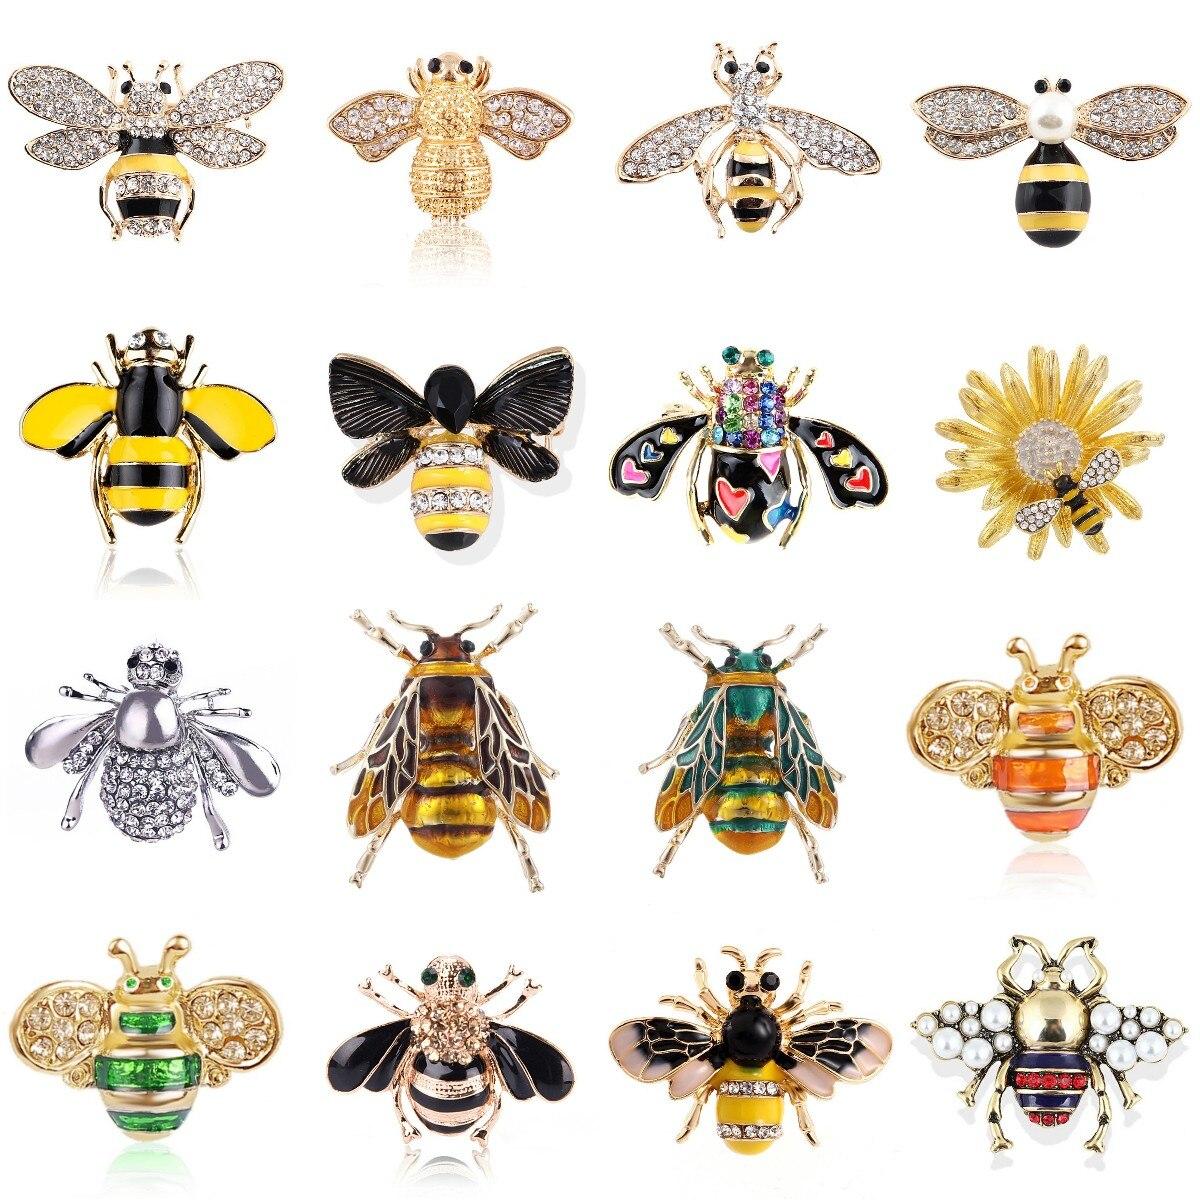 Женская-Милая-Нежная-брошь-в-виде-пчелы-с-кристаллами-Стразы-модные-ювелирные-изделия-булавка-брошь-эмалированная-бижутерия-подарки-для